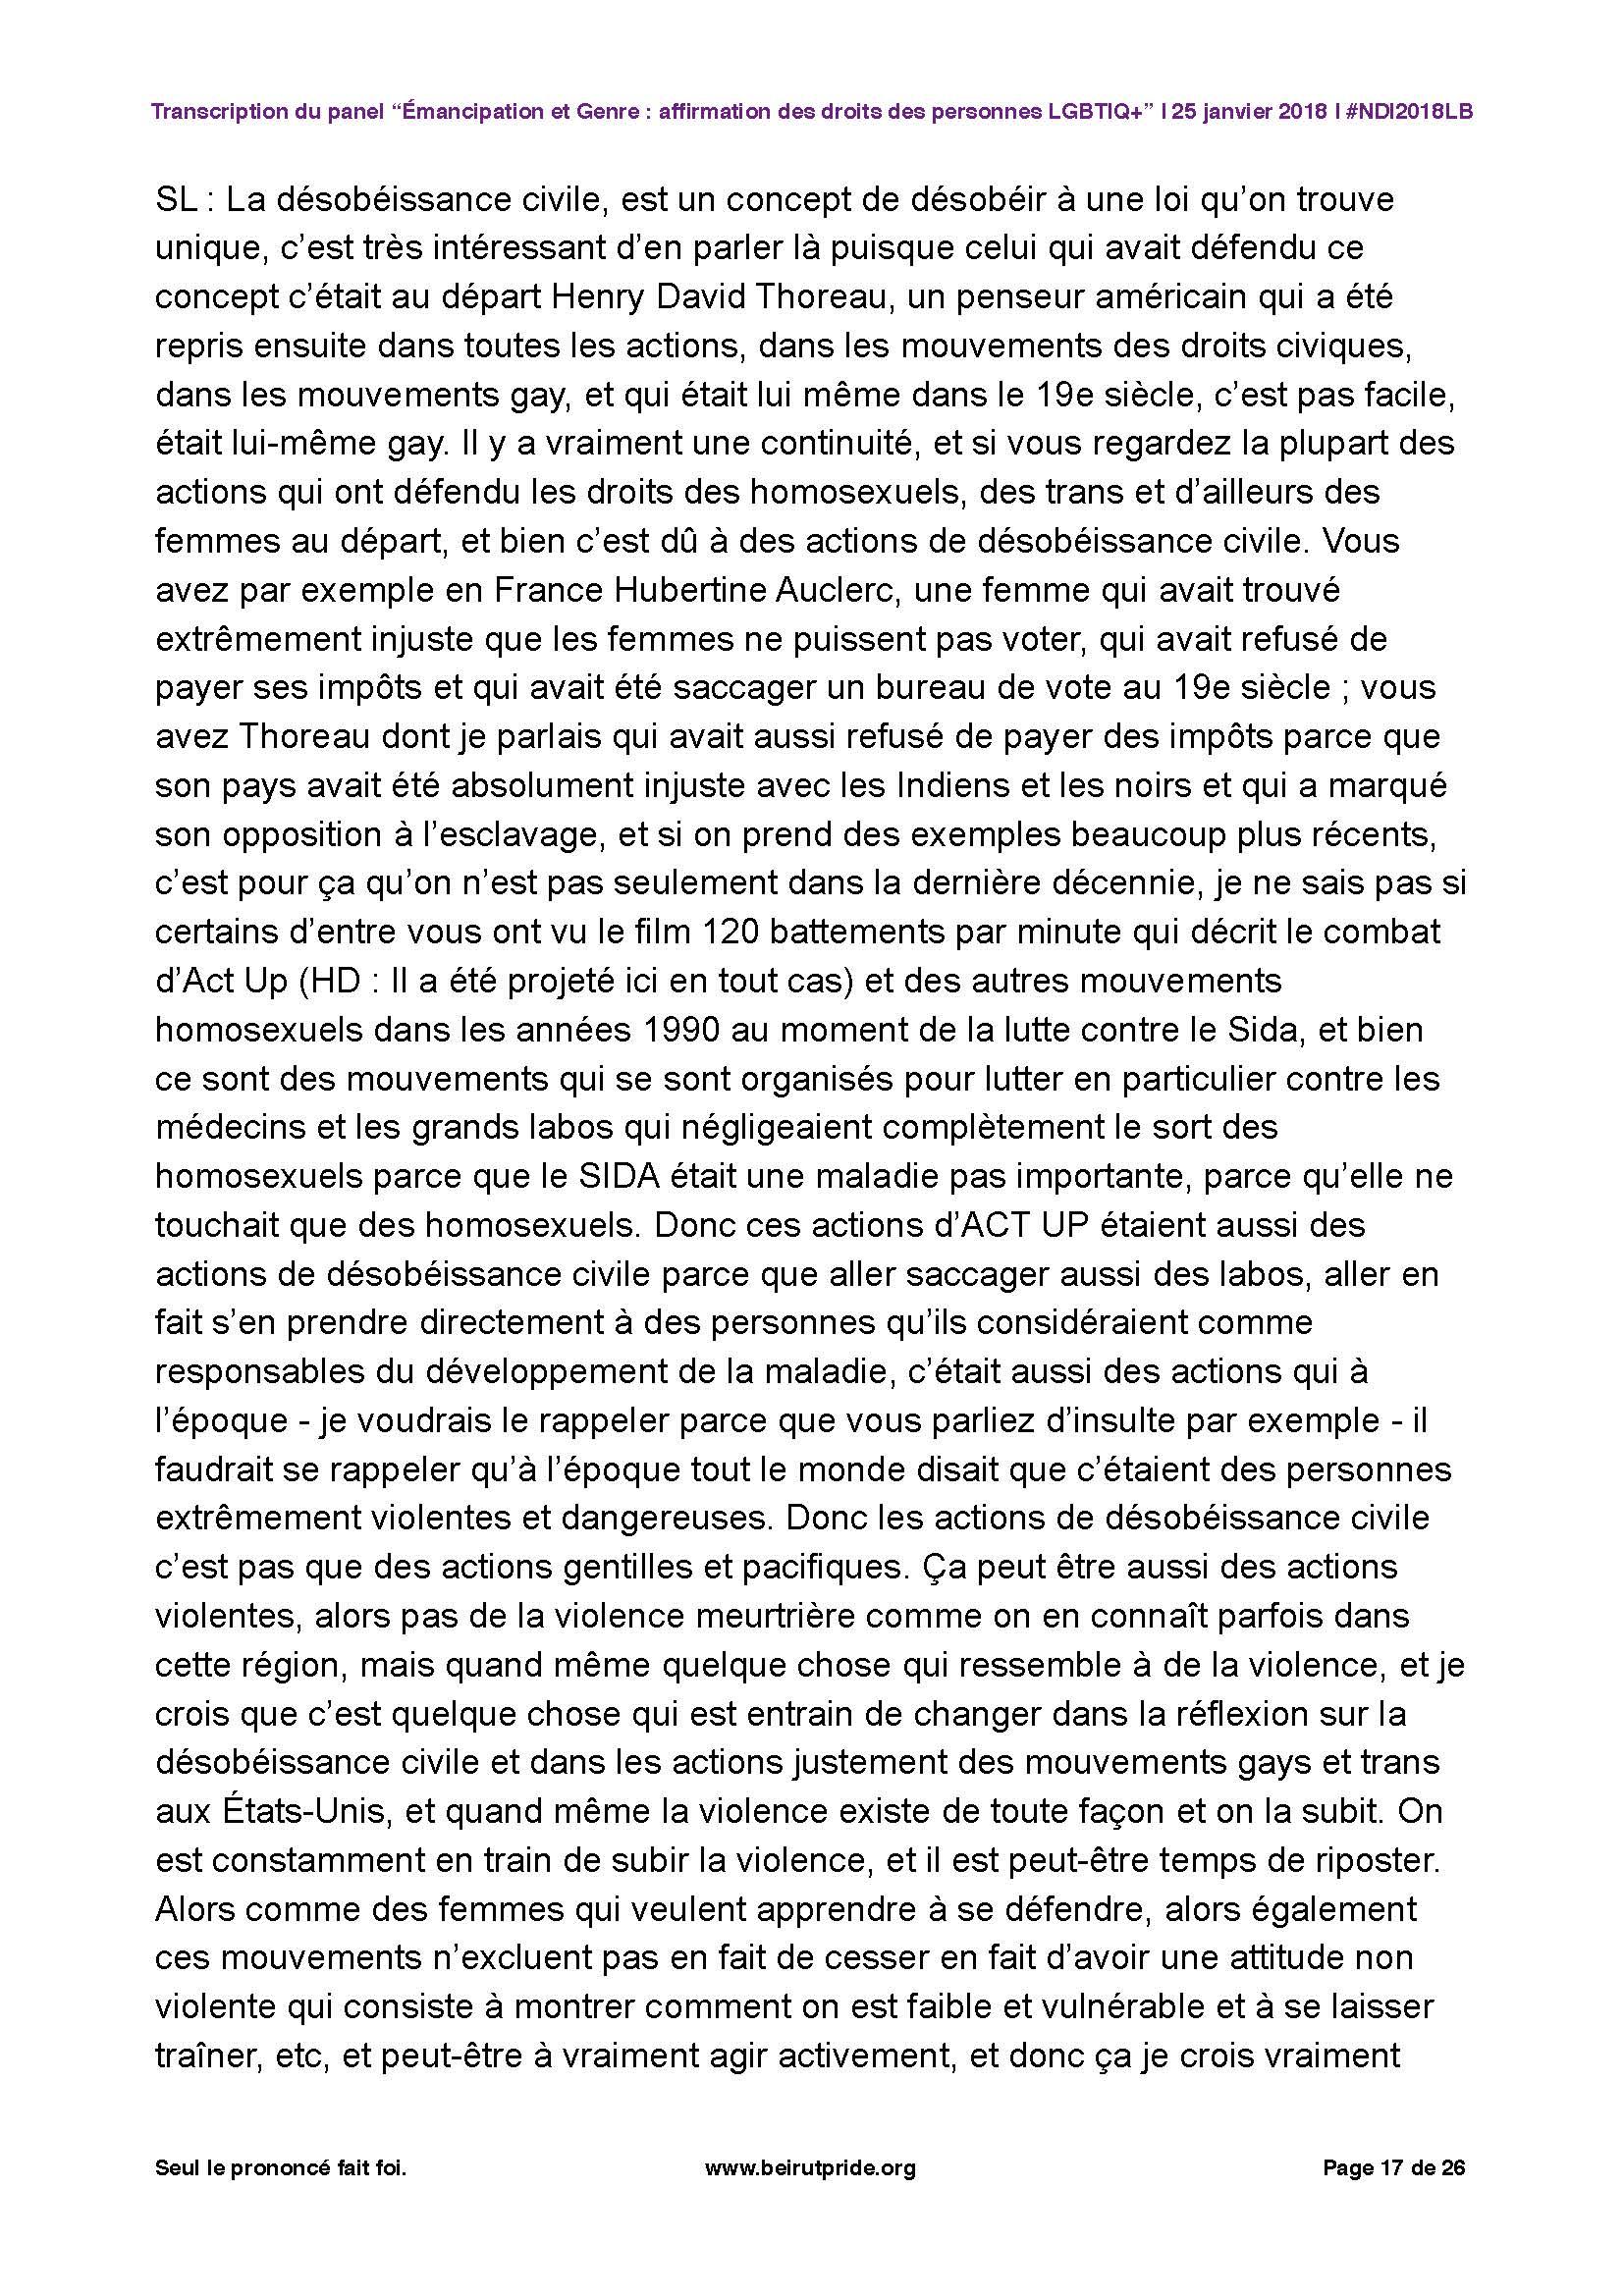 Transcription Nuit des idées 2018_Page_17.jpg